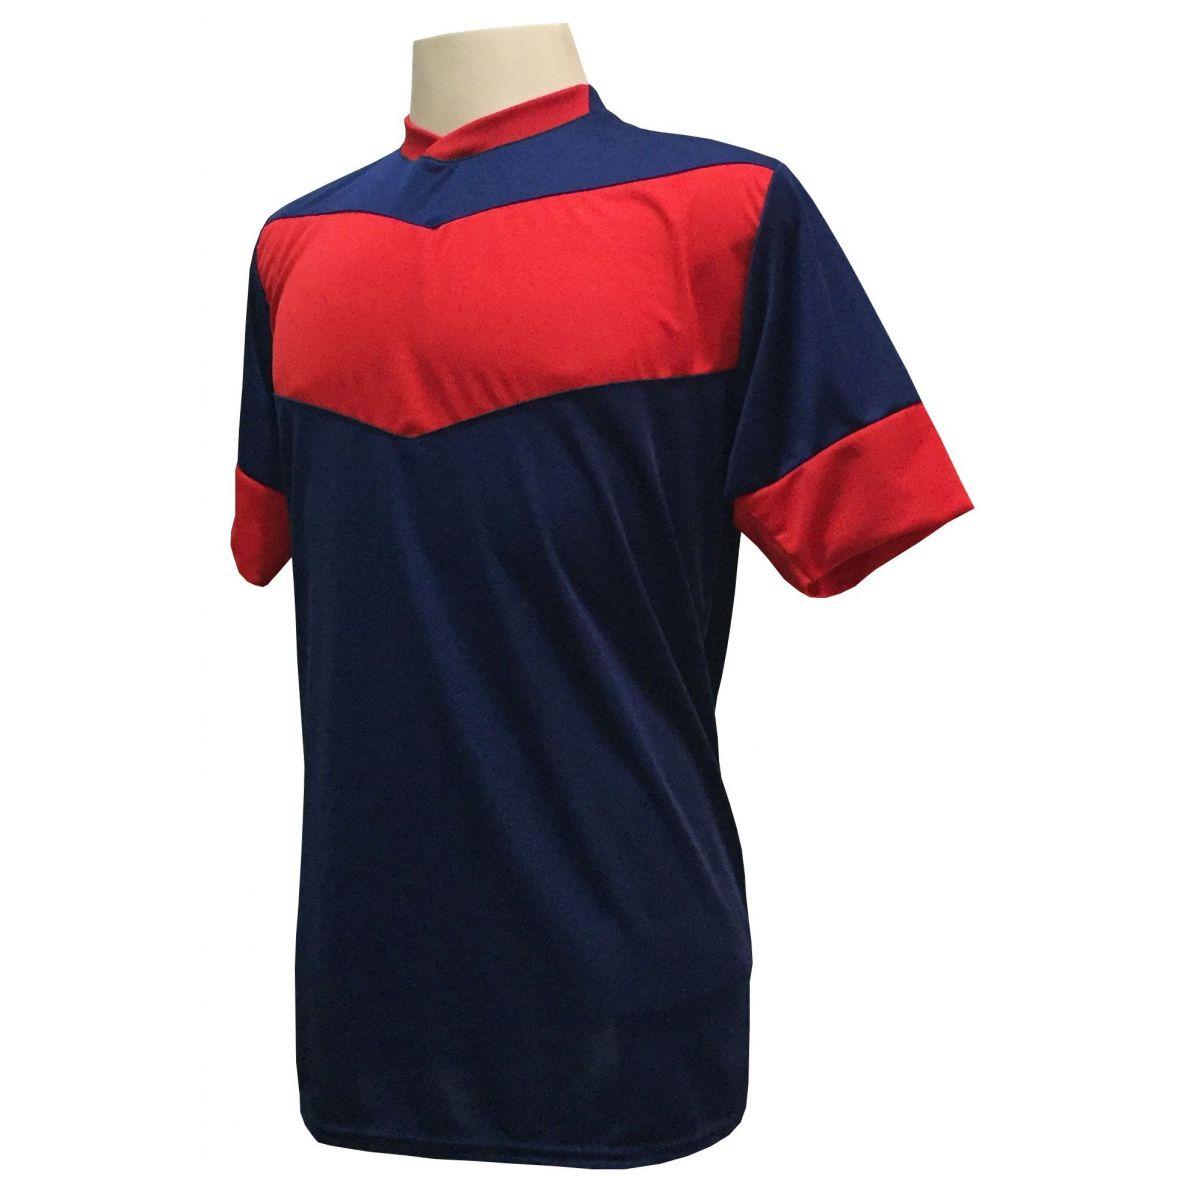 Fardamento Completo modelo Columbus 18+2 (18 Camisas Marinho/Vermelho + 18 Calções Madrid Marinho + 18 Pares de Meiões Vermelhos + 2 Conjuntos de Goleiro) + Brindes